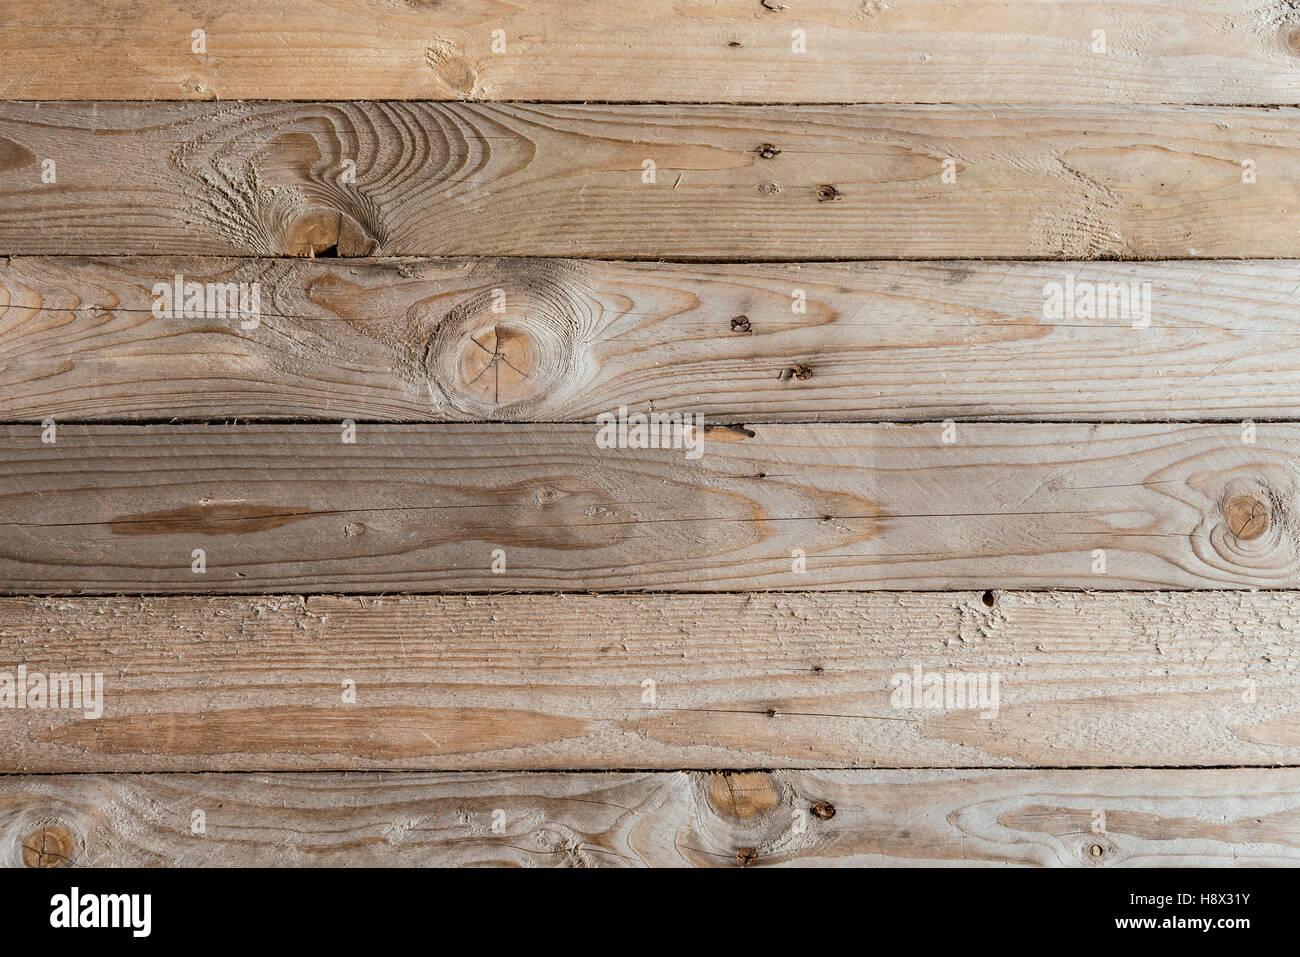 Image of raw wood planks background. - Stock Image